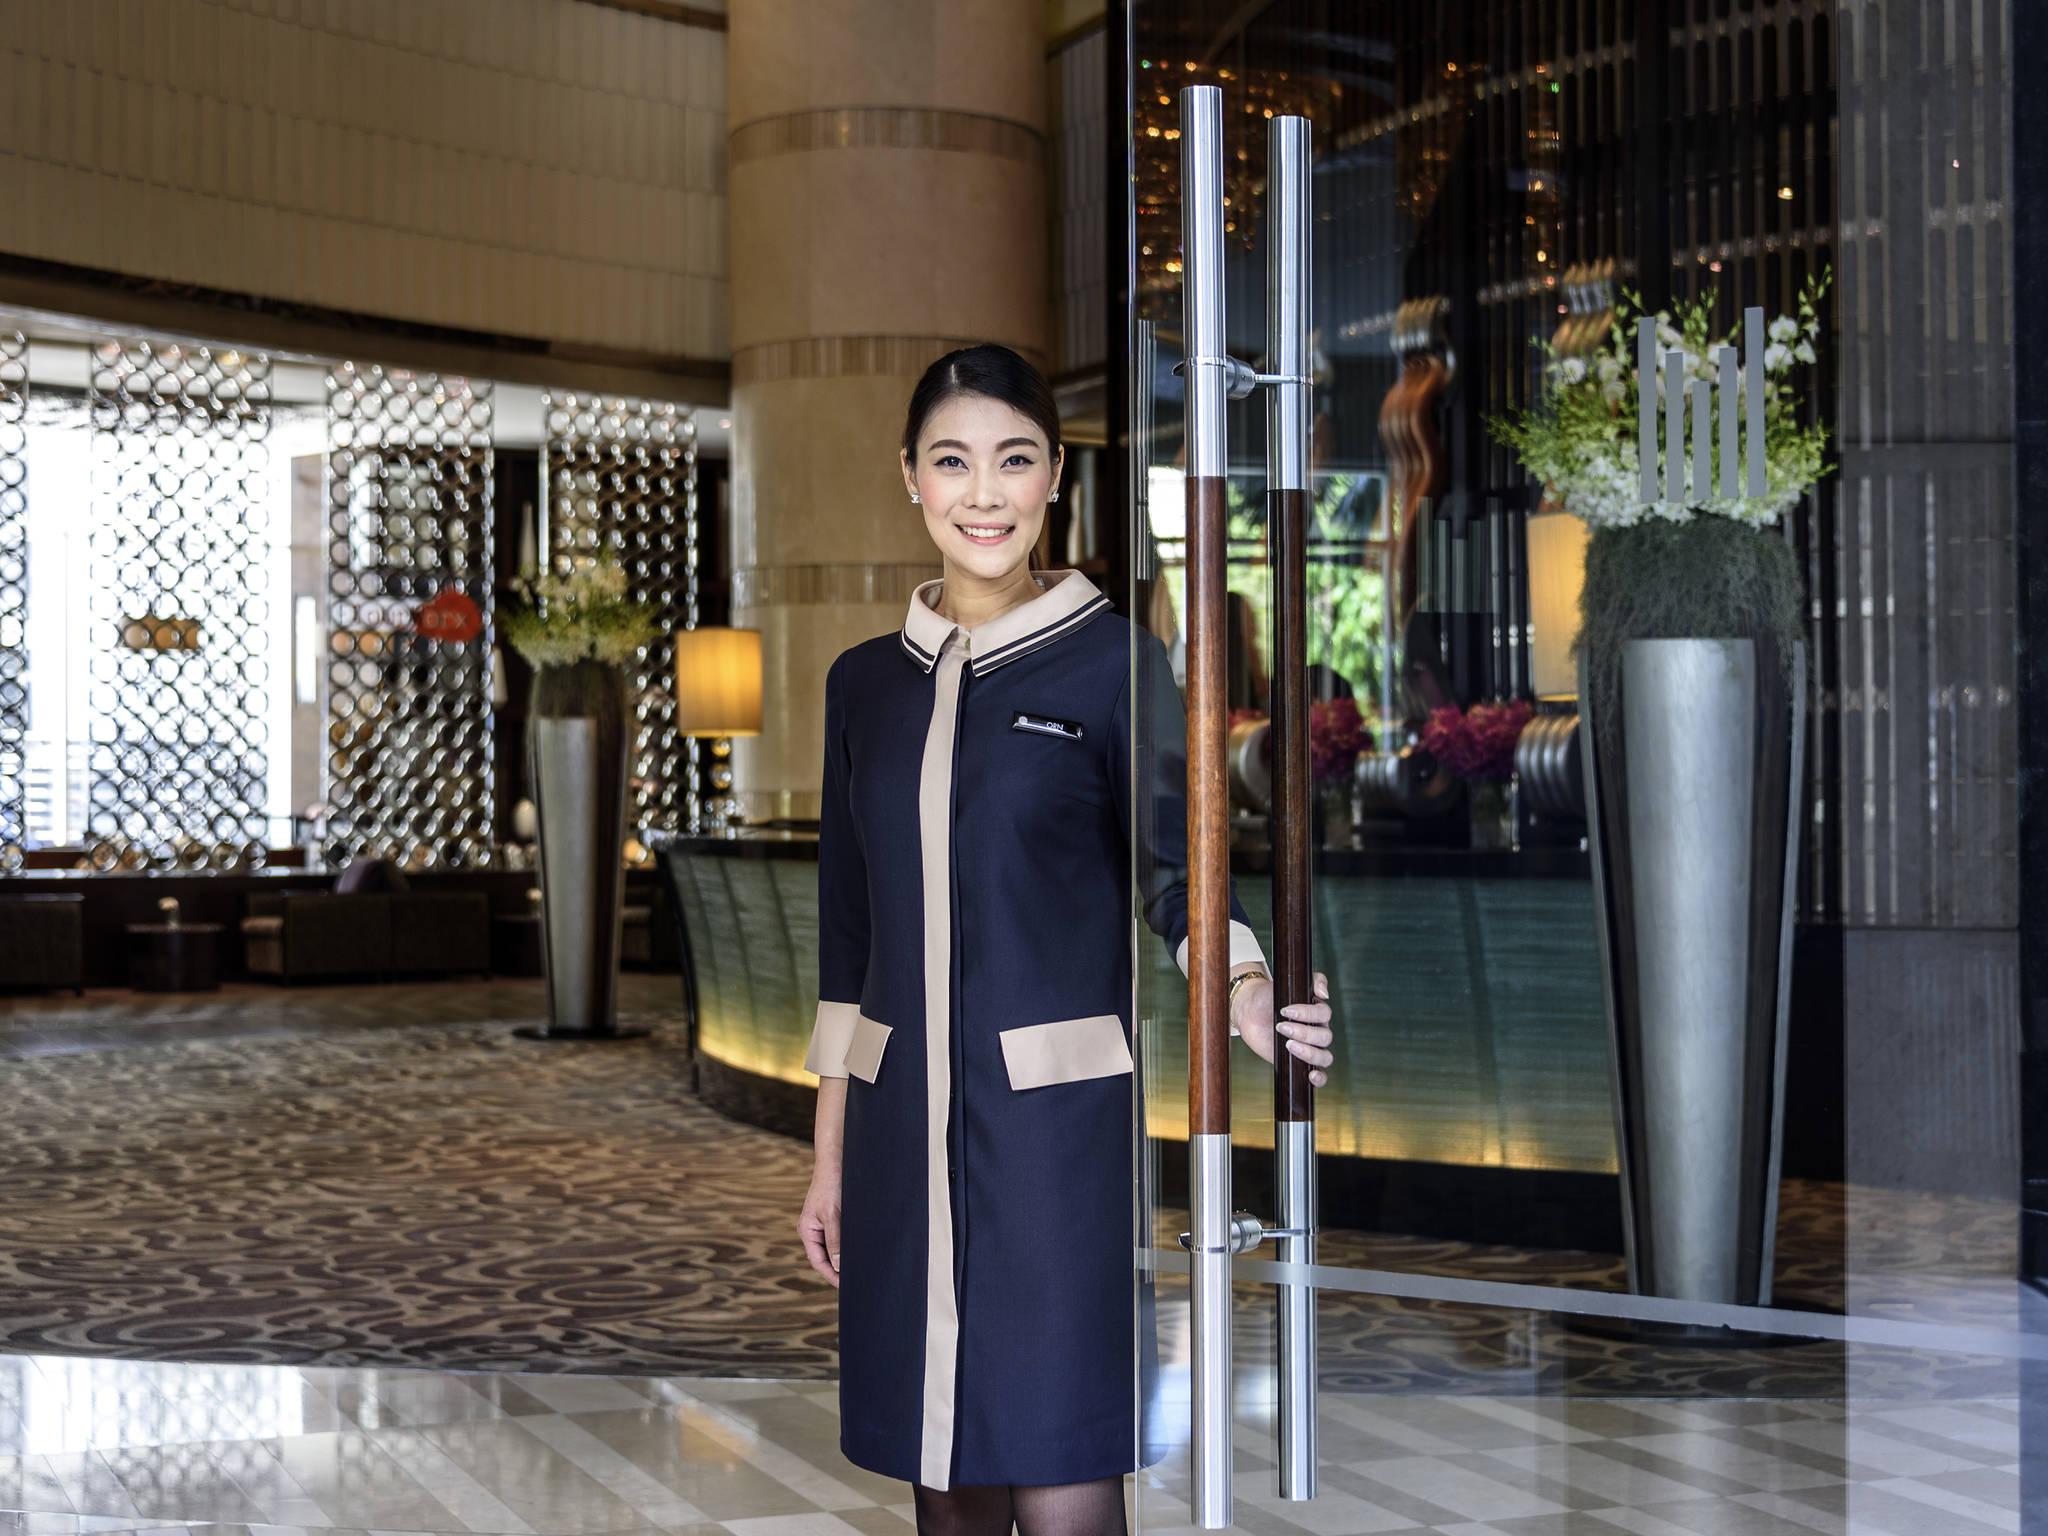 APL: Investasi Hotel Pullman Di Vimala Hills Mencapai Rp 1 Triliun